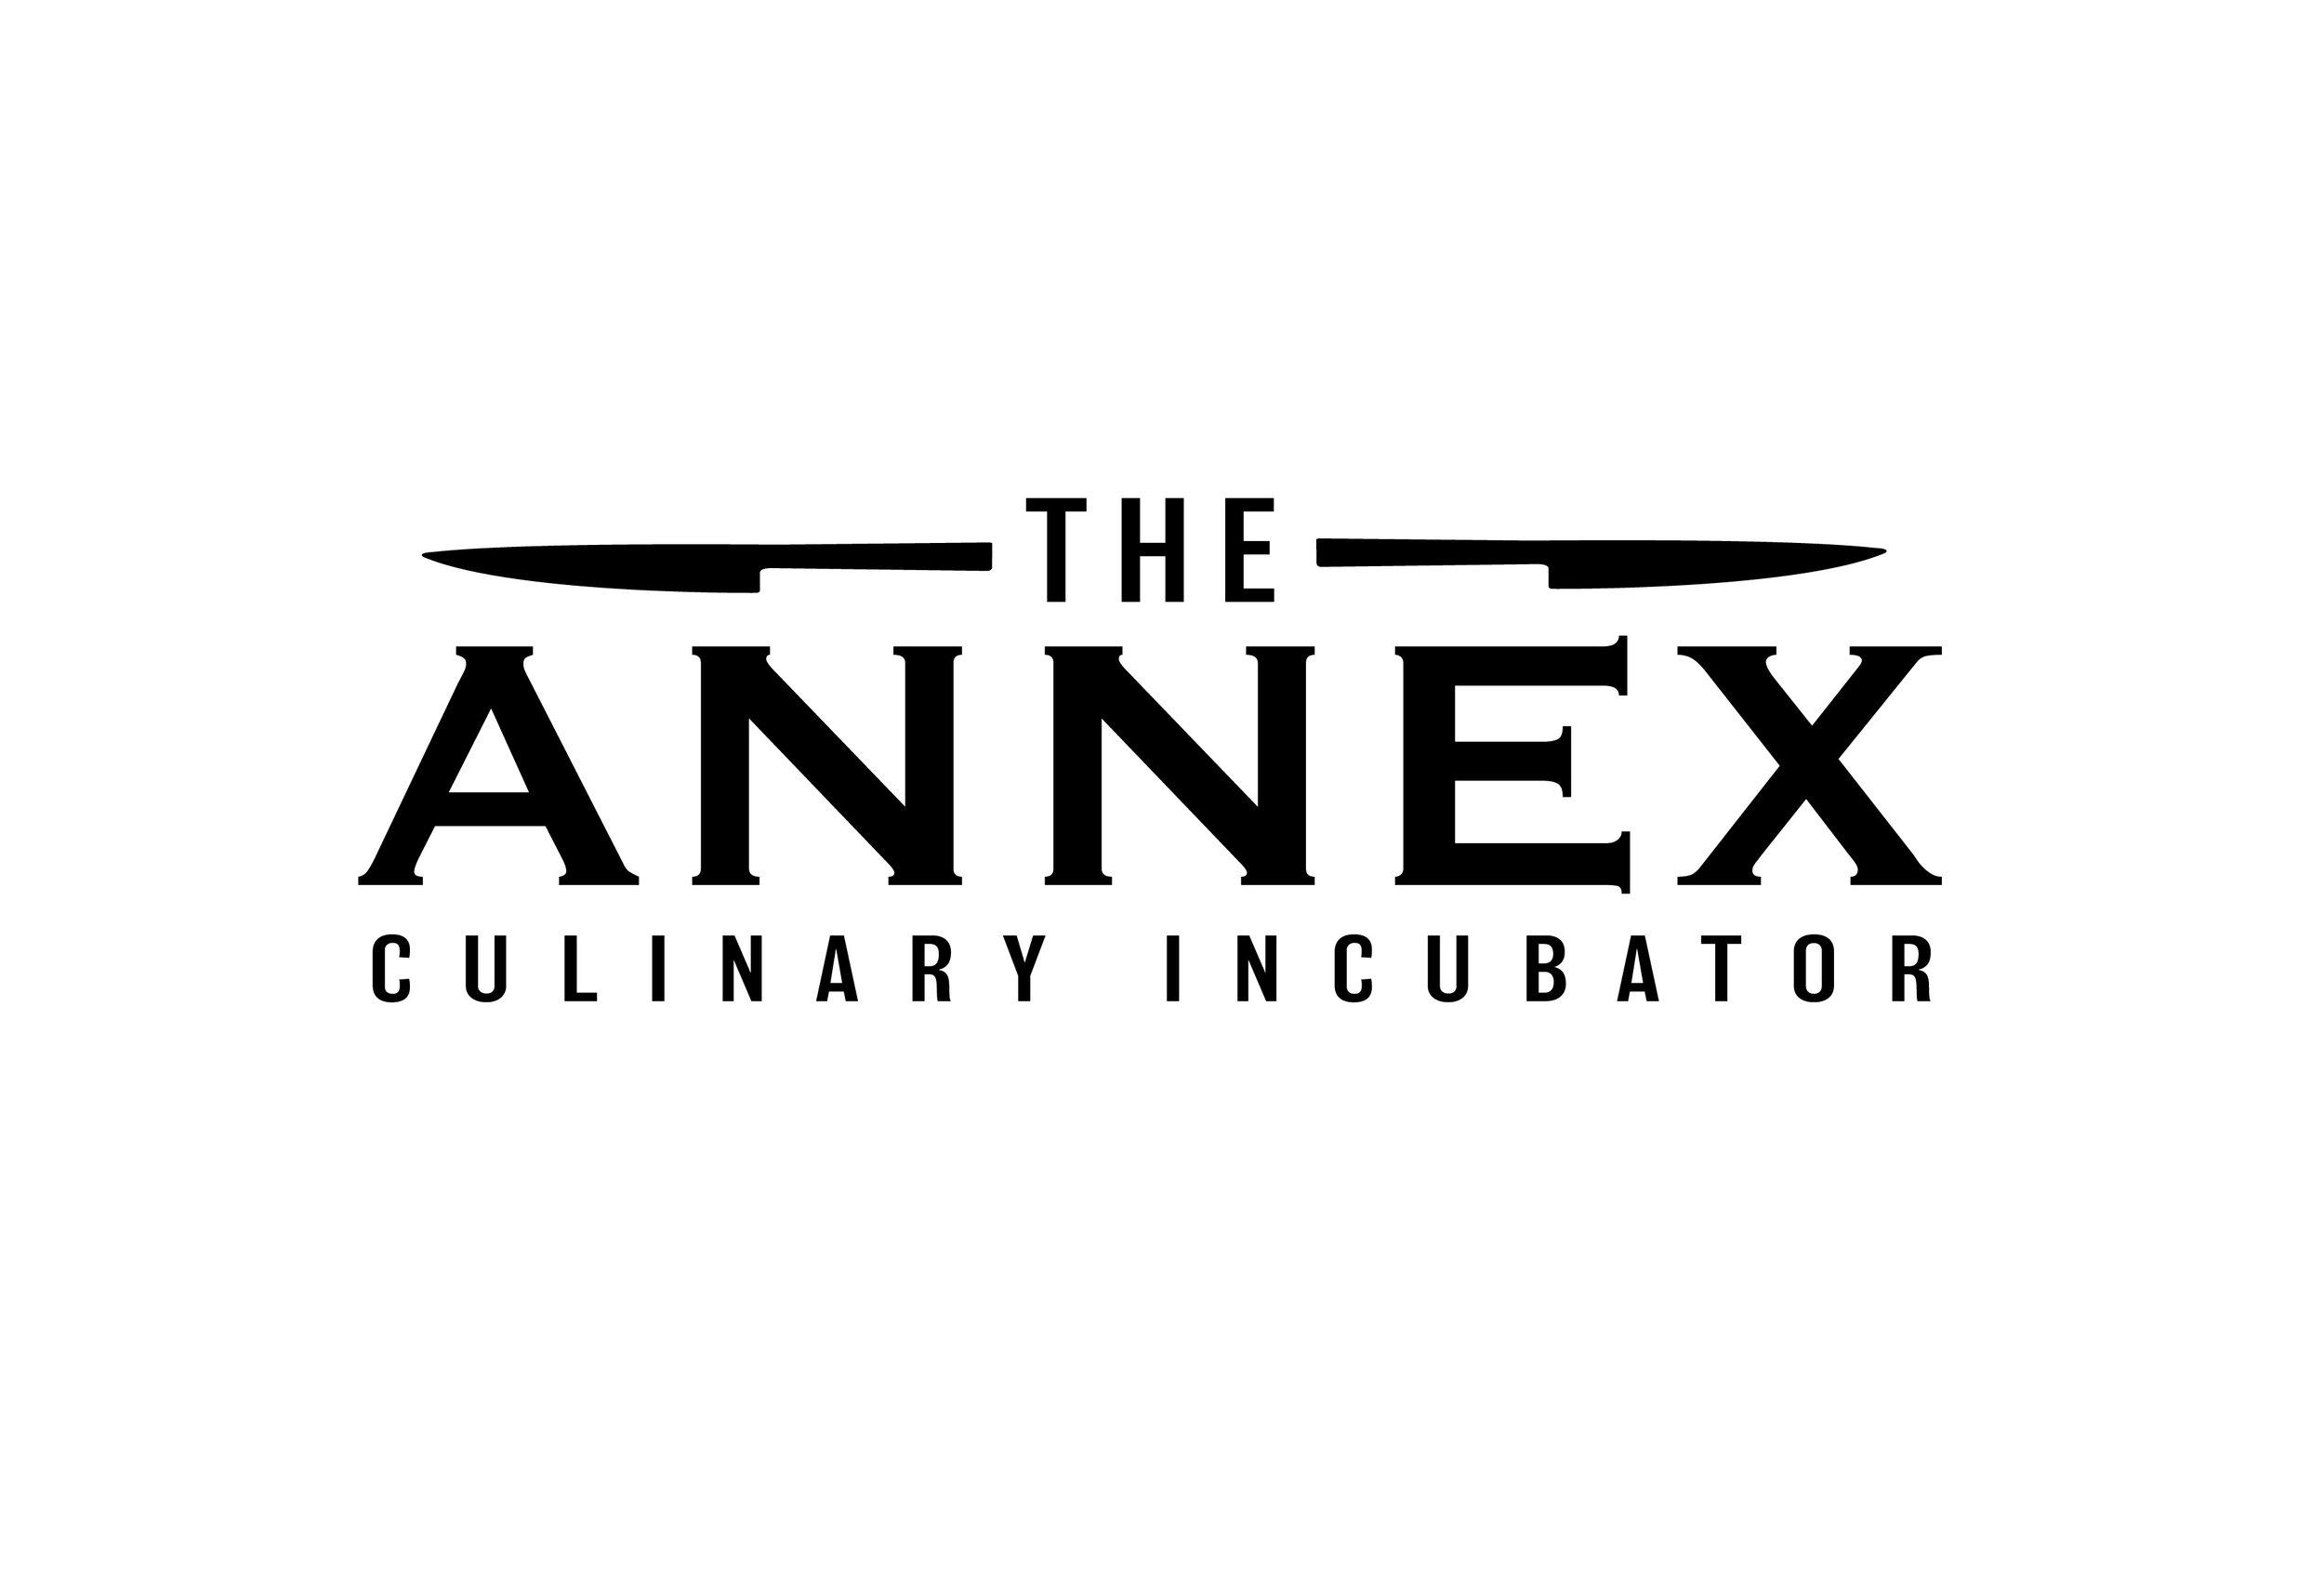 annex_FINAL_WHITE (1).jpg